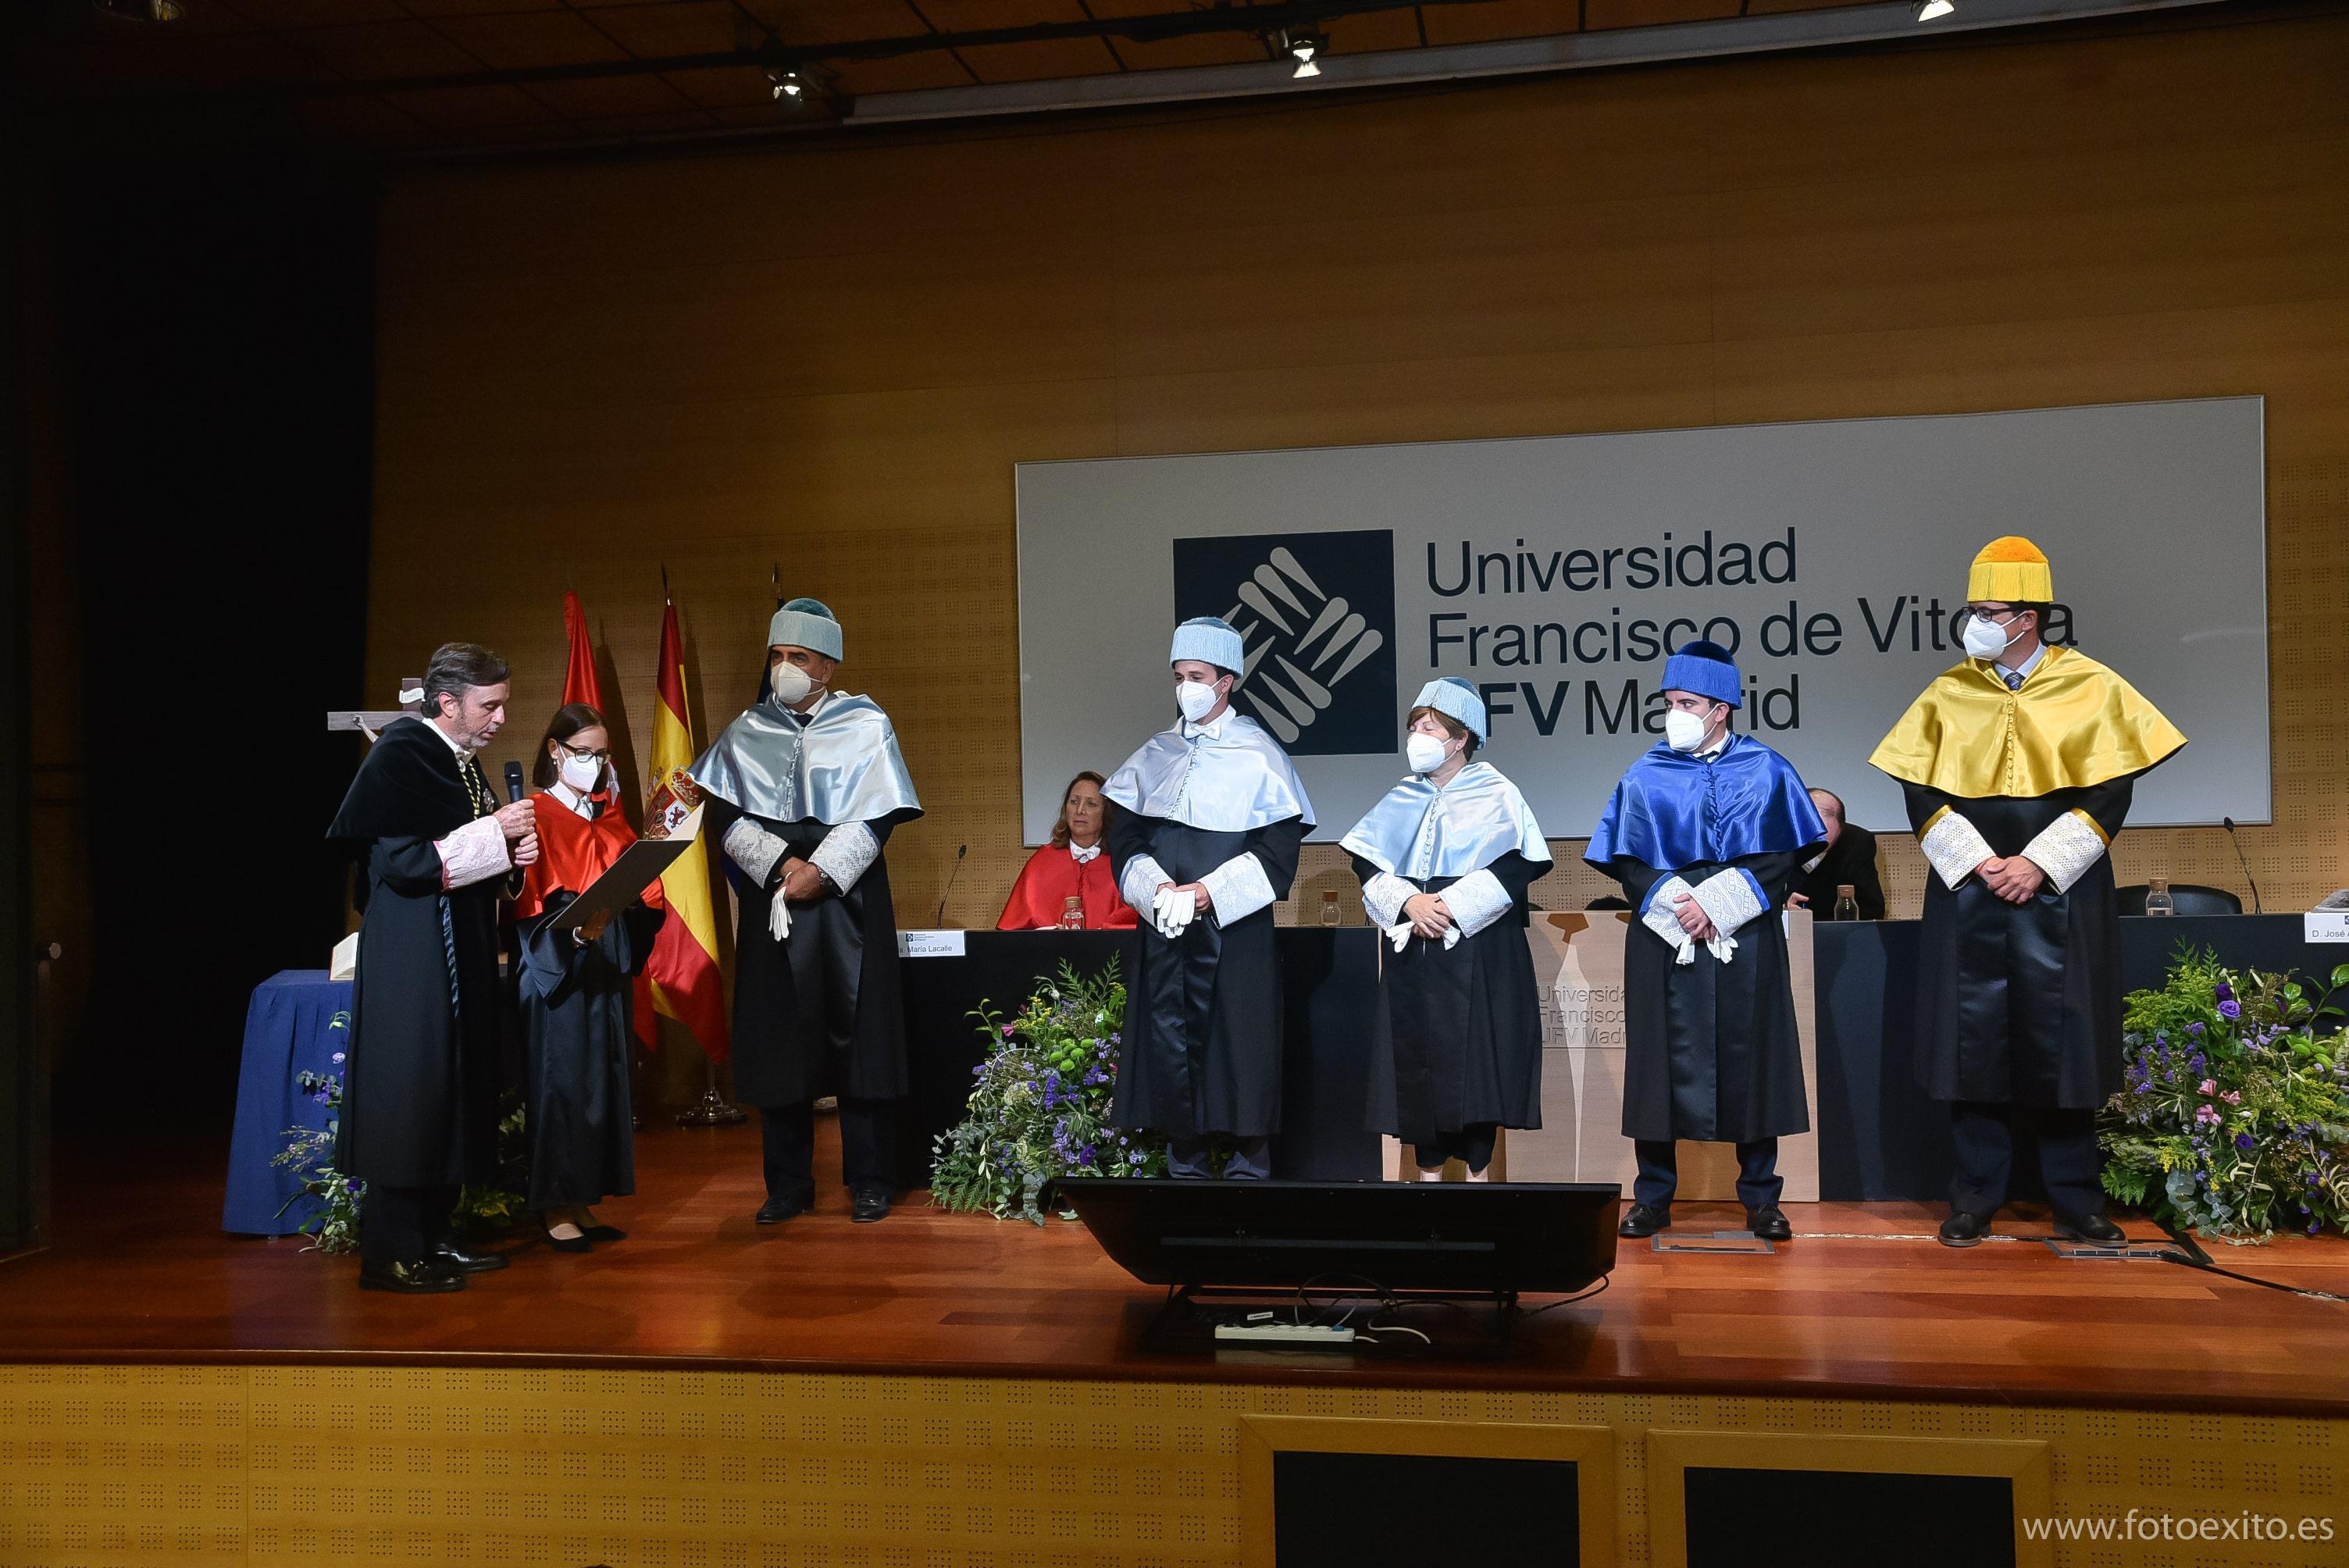 210915UFV 379 min Actos académicos Estudiar en Universidad Privada Madrid